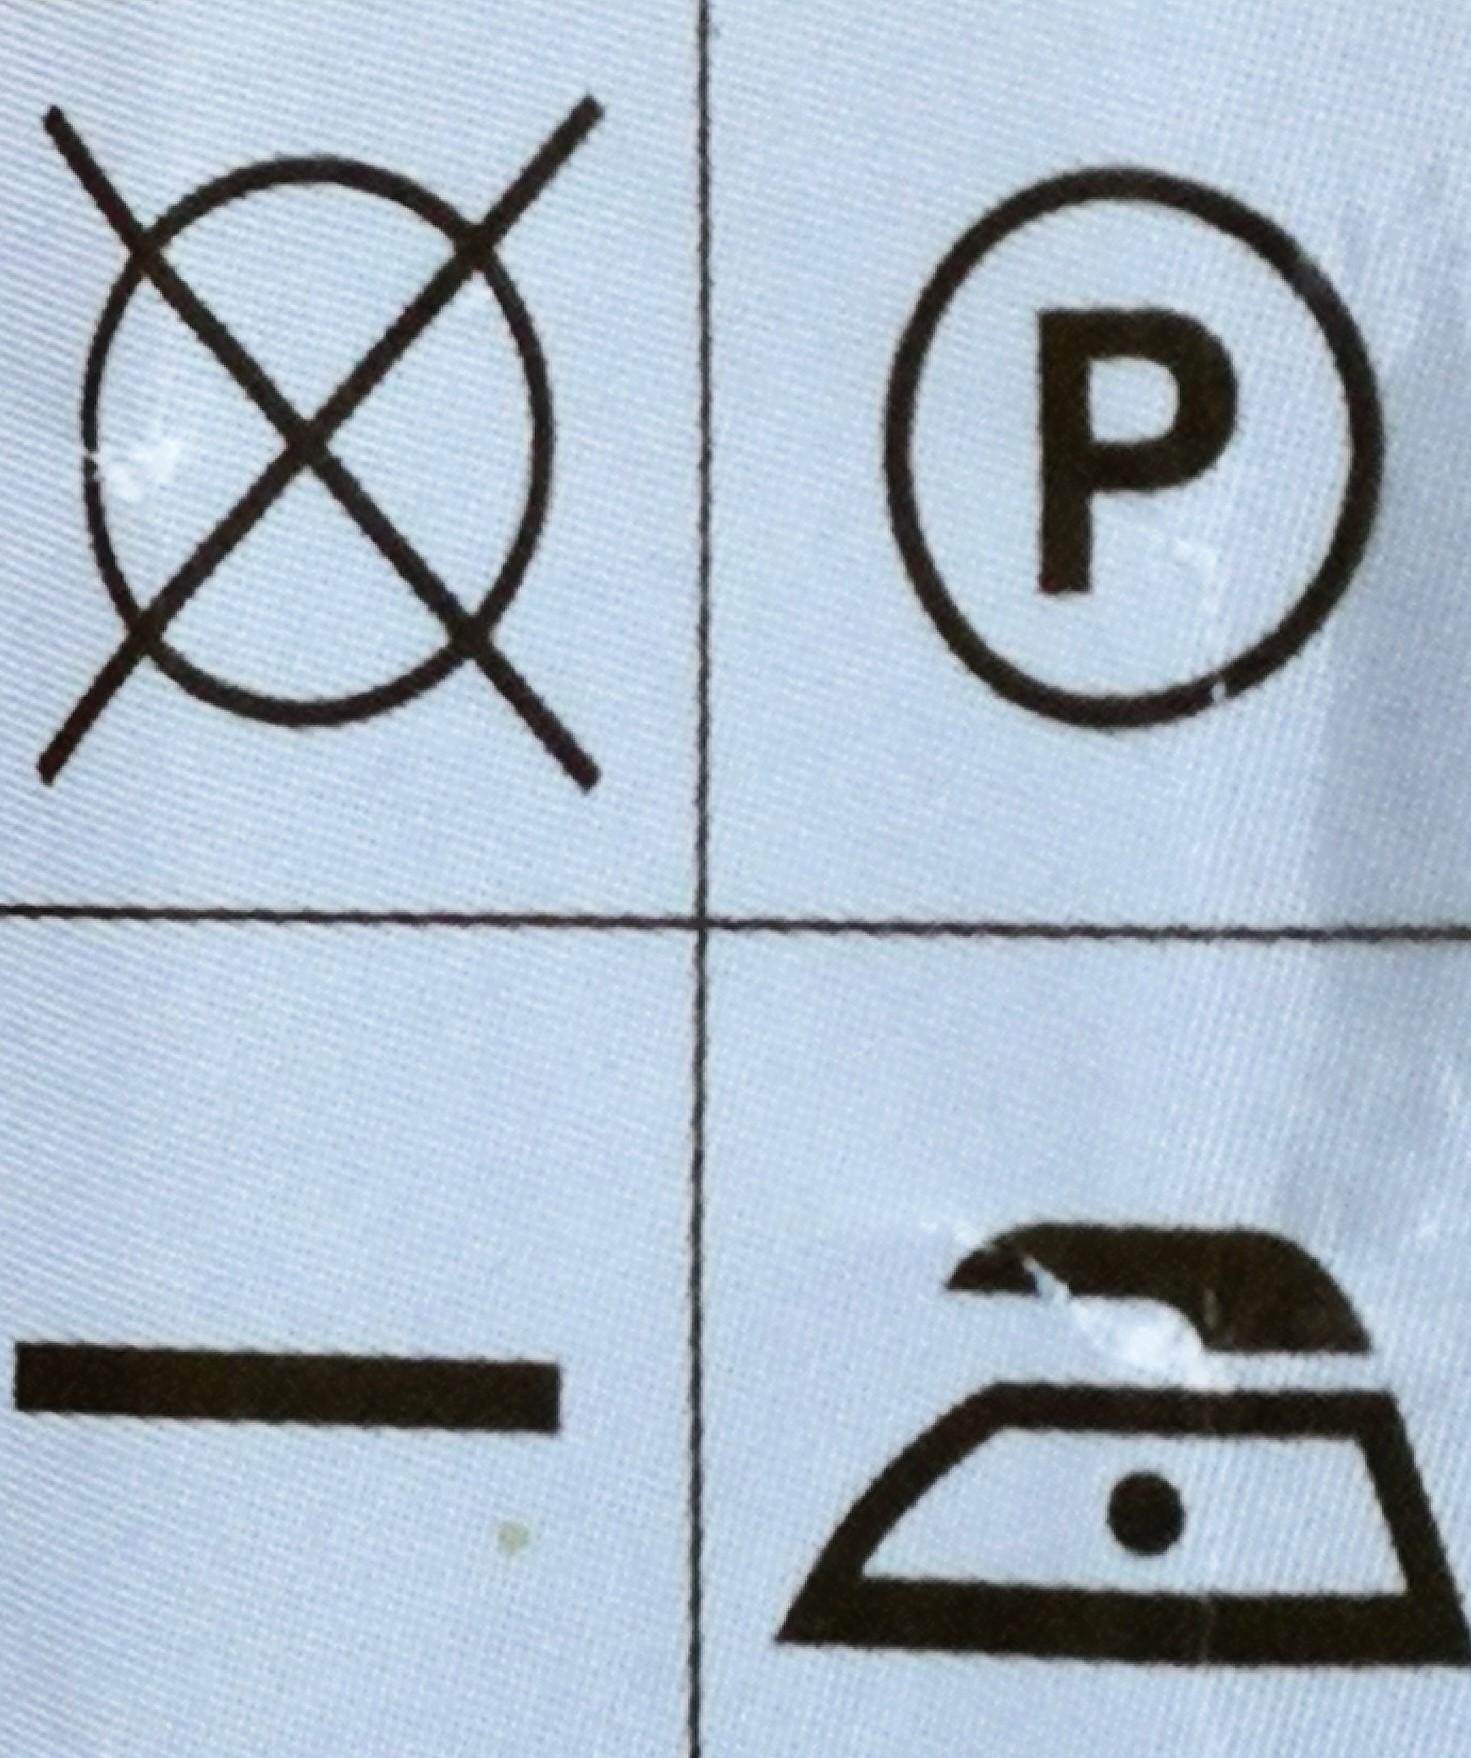 Instruciones de lavado y cuidado de una prenda